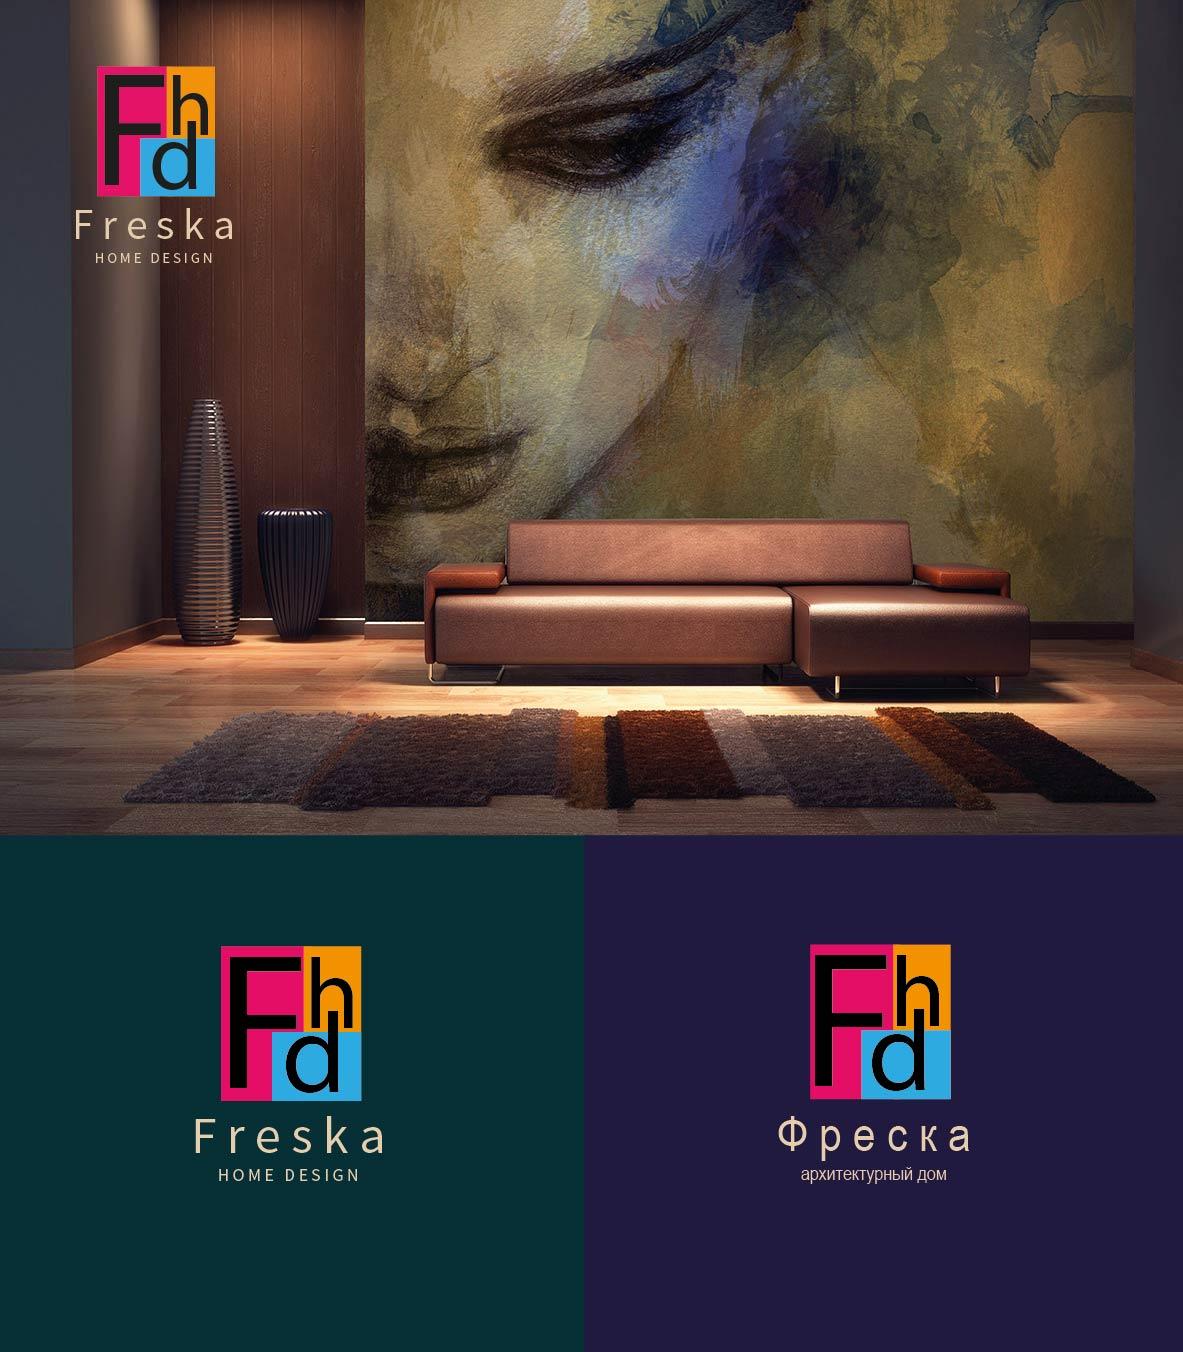 Разработка логотипа и фирменного стиля  фото f_6415aa0947b9035e.jpg